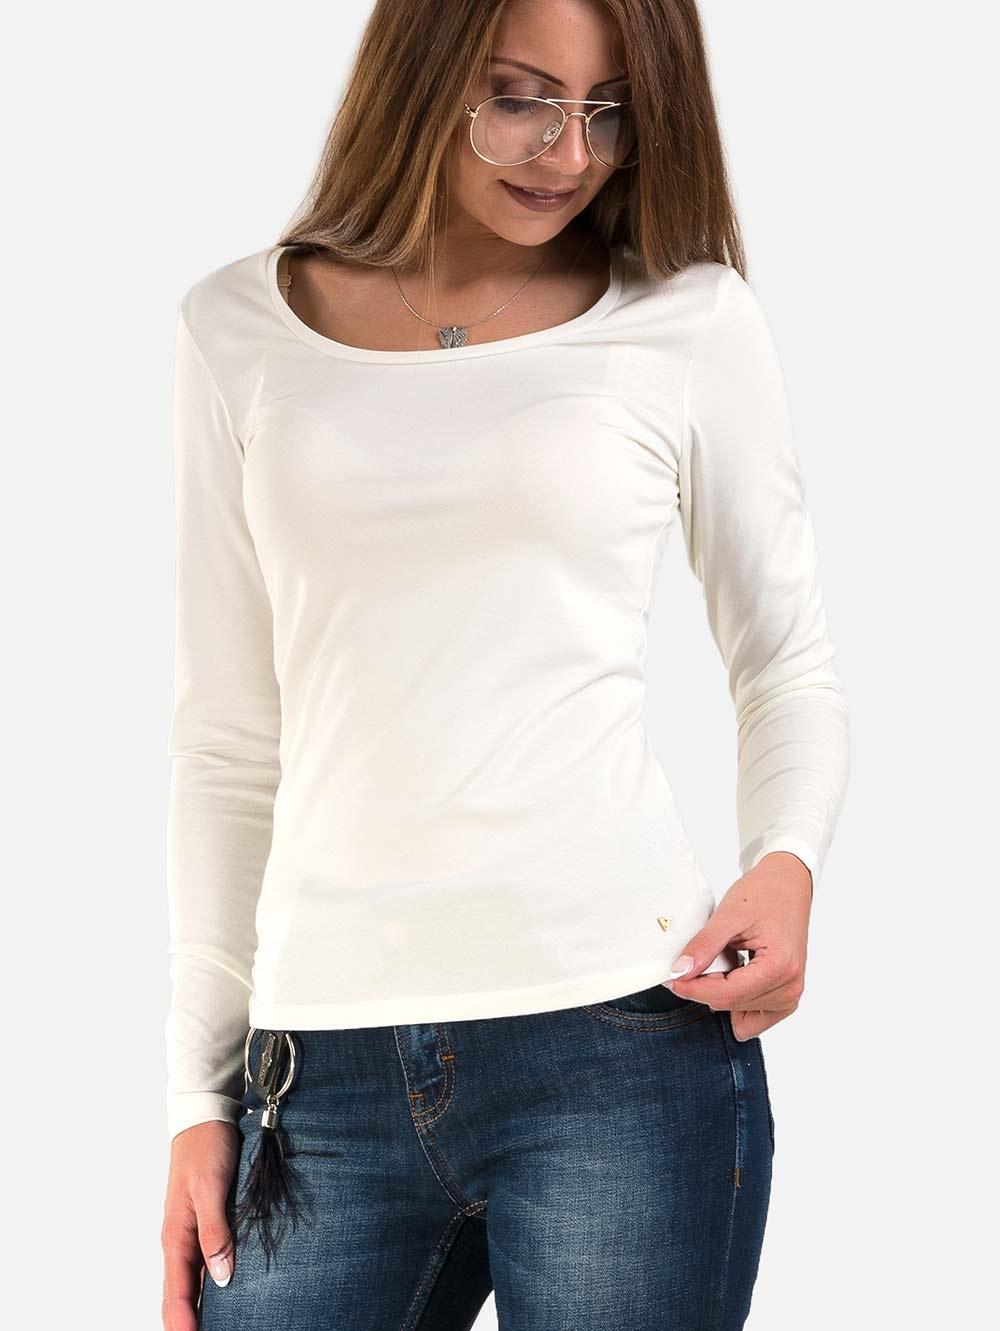 be2f3a47637 Ежедневна блуза с овално деколте - цвят екрю   Блузи с дълъг ръкав от  INDIGO Fashion